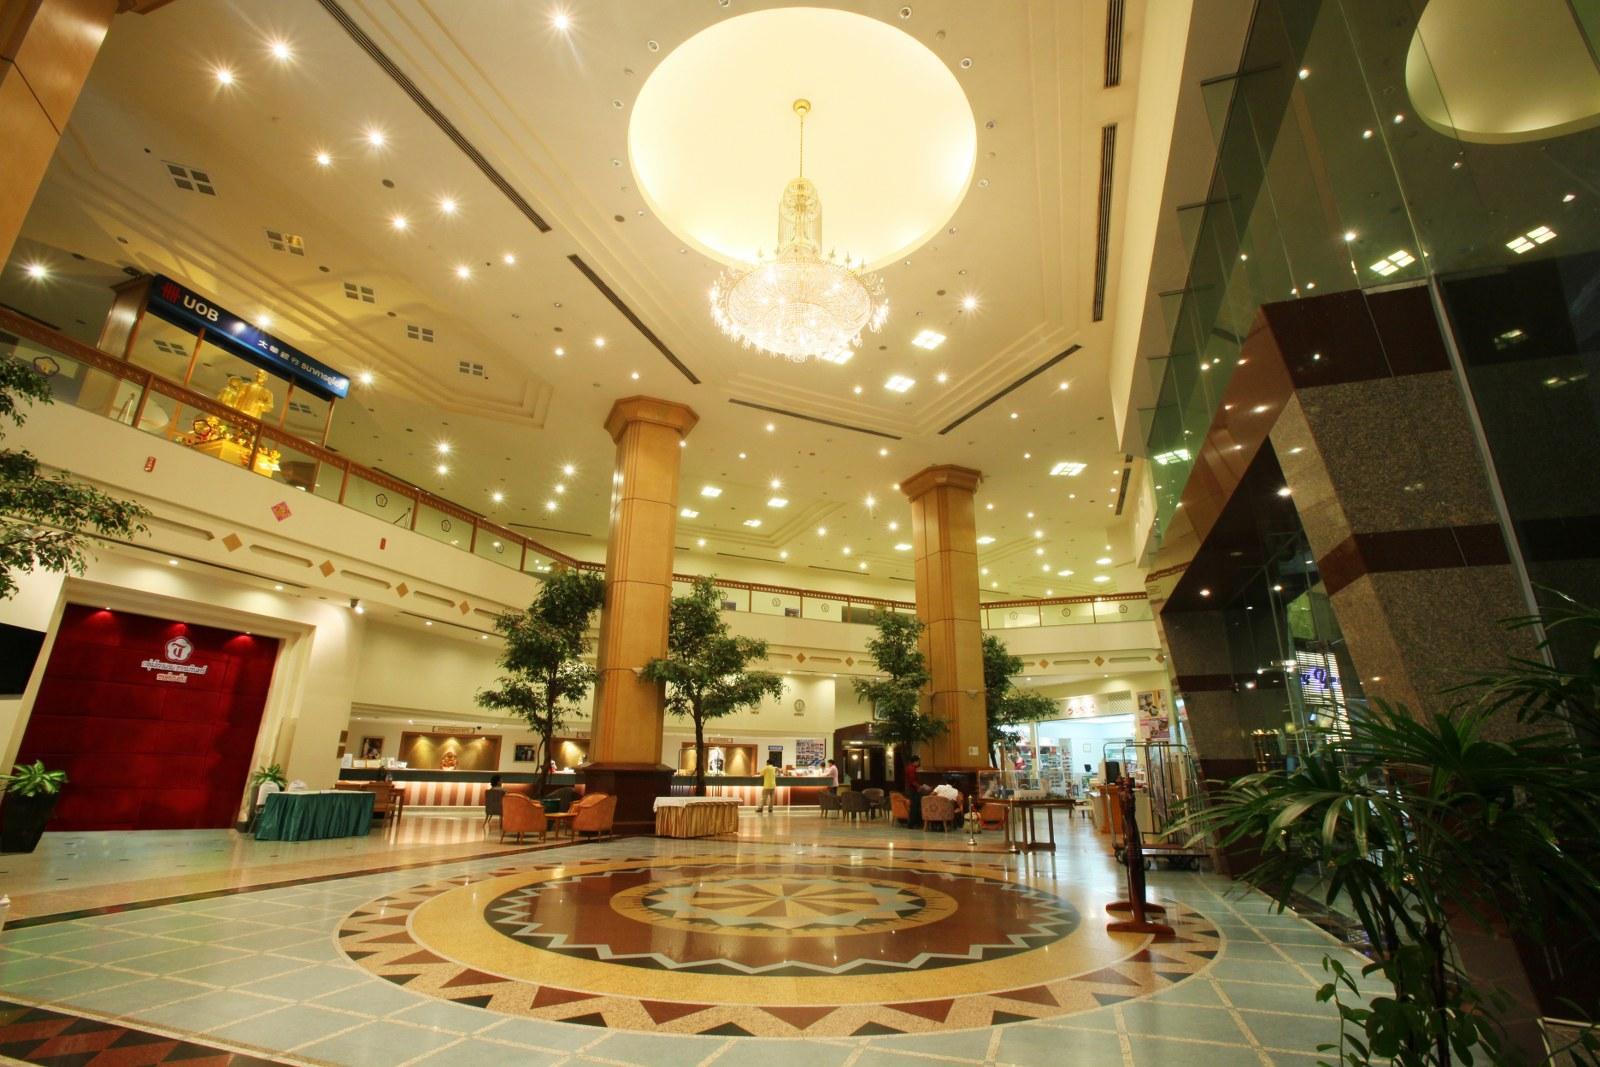 โรงแรมธรรมรินทร์ ธนา